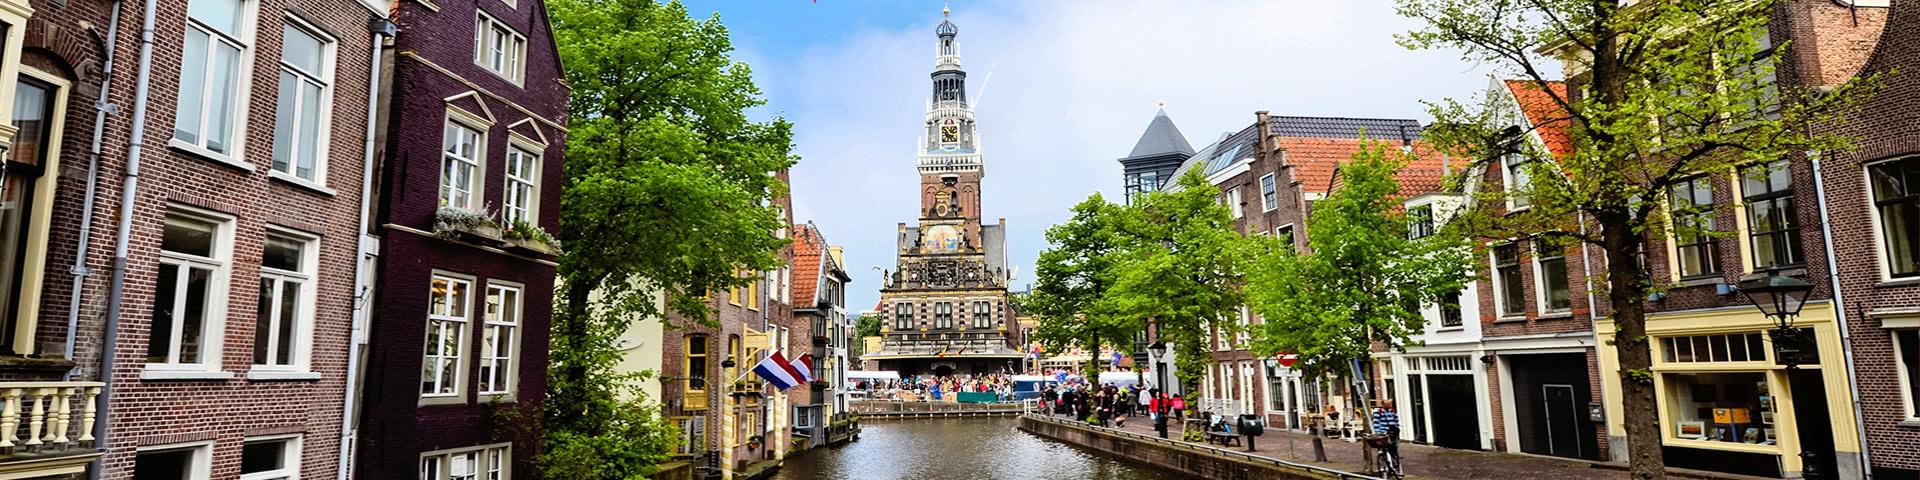 Blick vom Kanal auf die Altstadt von Alkmaar